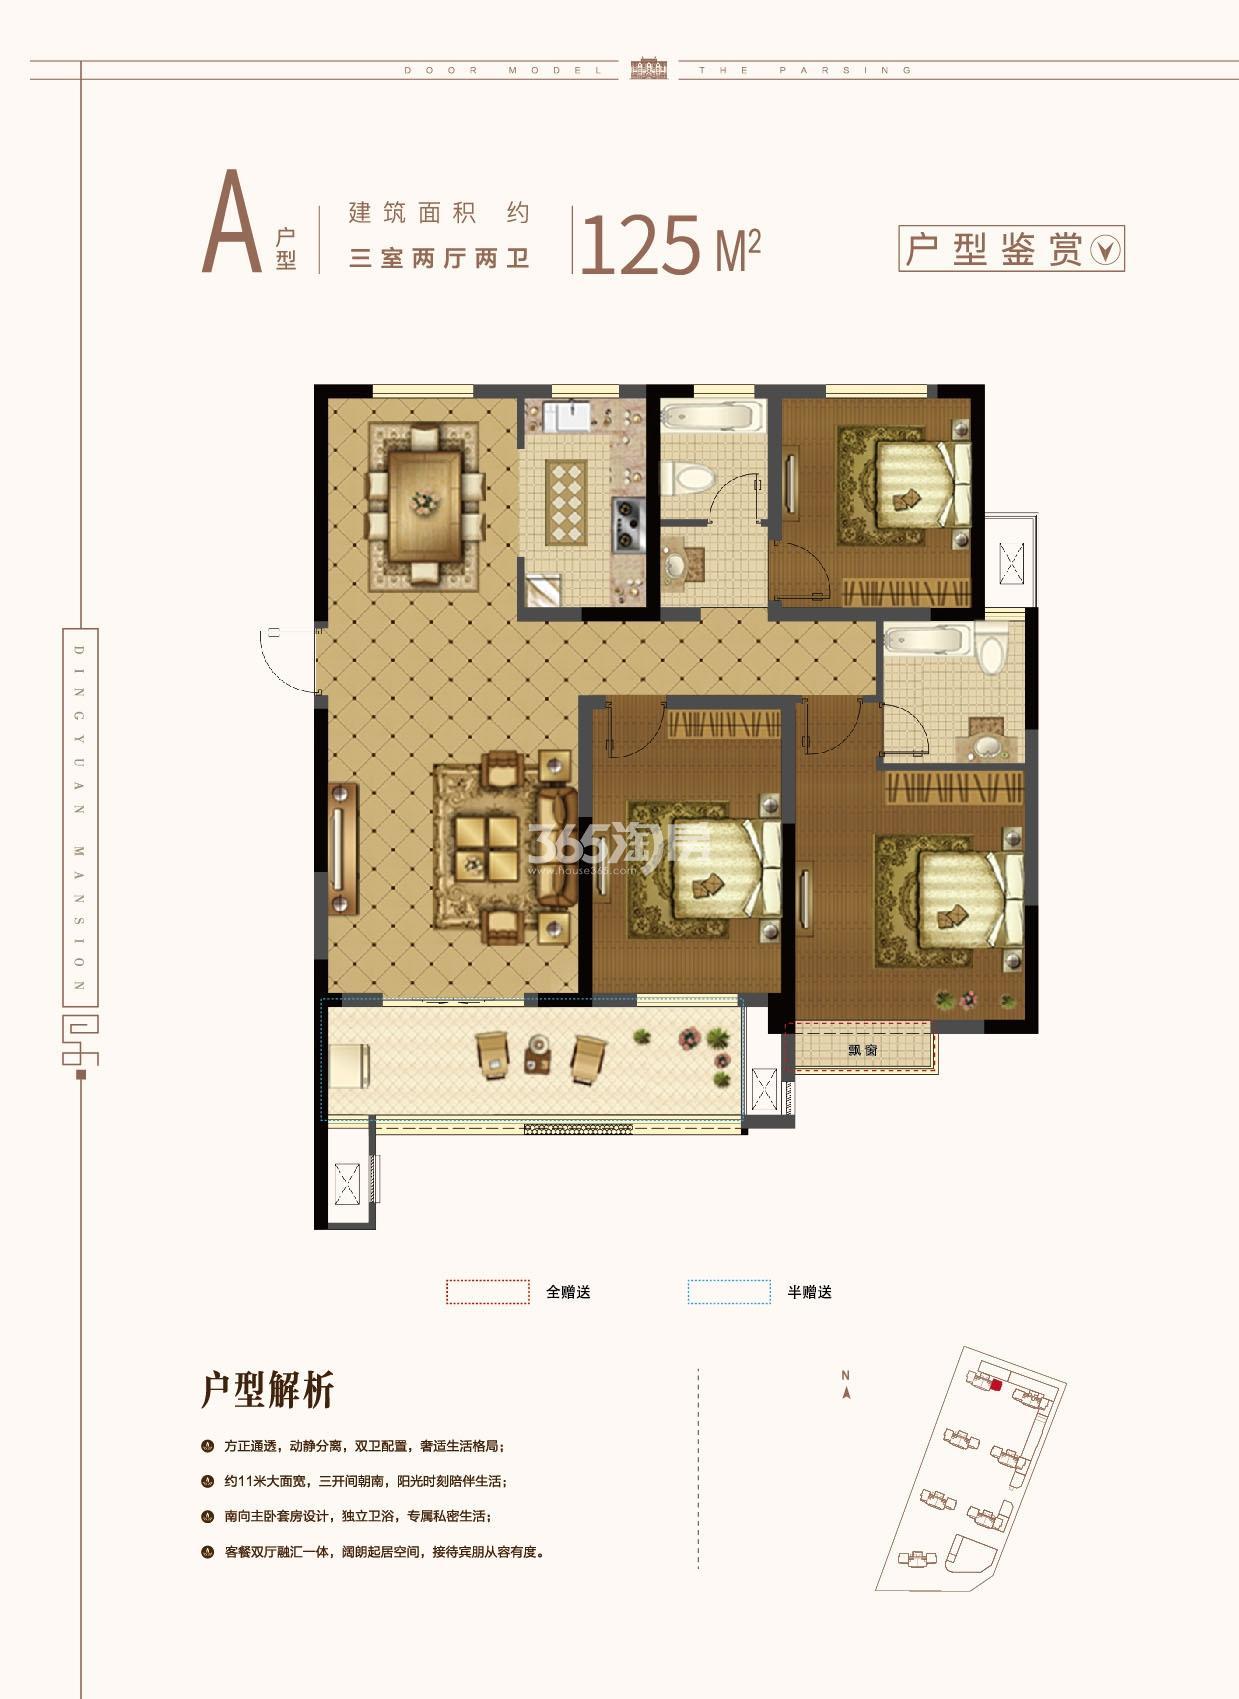 拓基·鼎元府邸31#三室两厅两卫125㎡